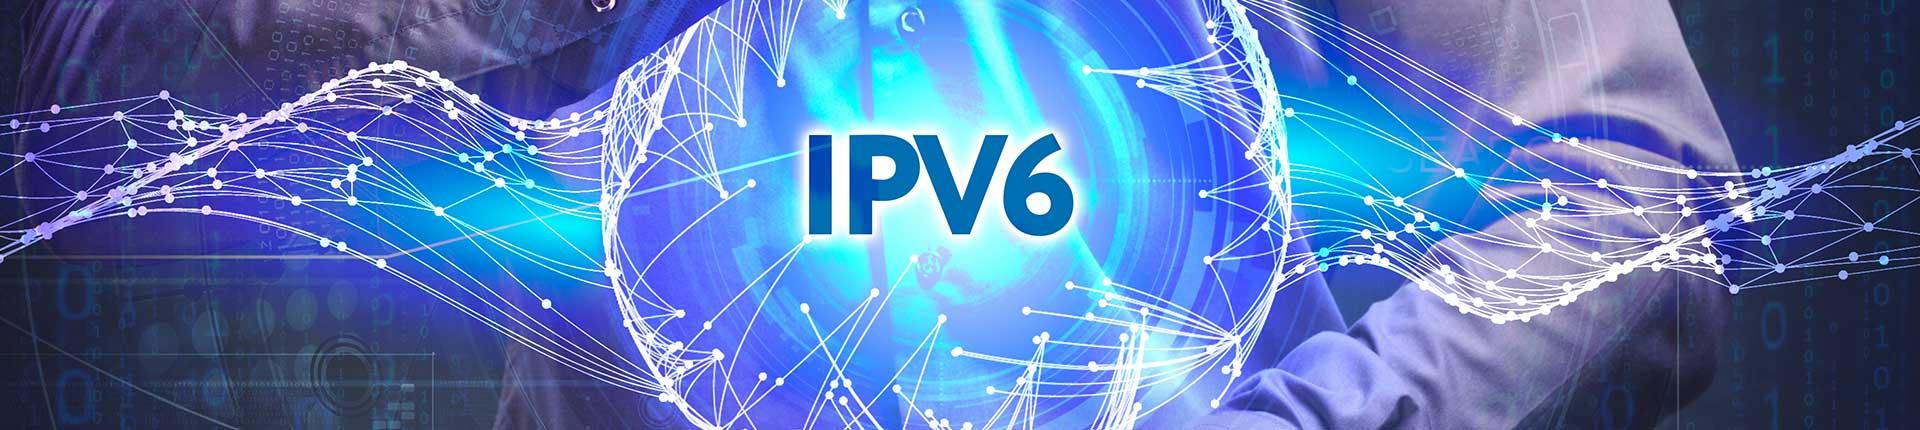 ¿Qué es IPv6? Las IPs que Stackscale ofrece desde el inicio